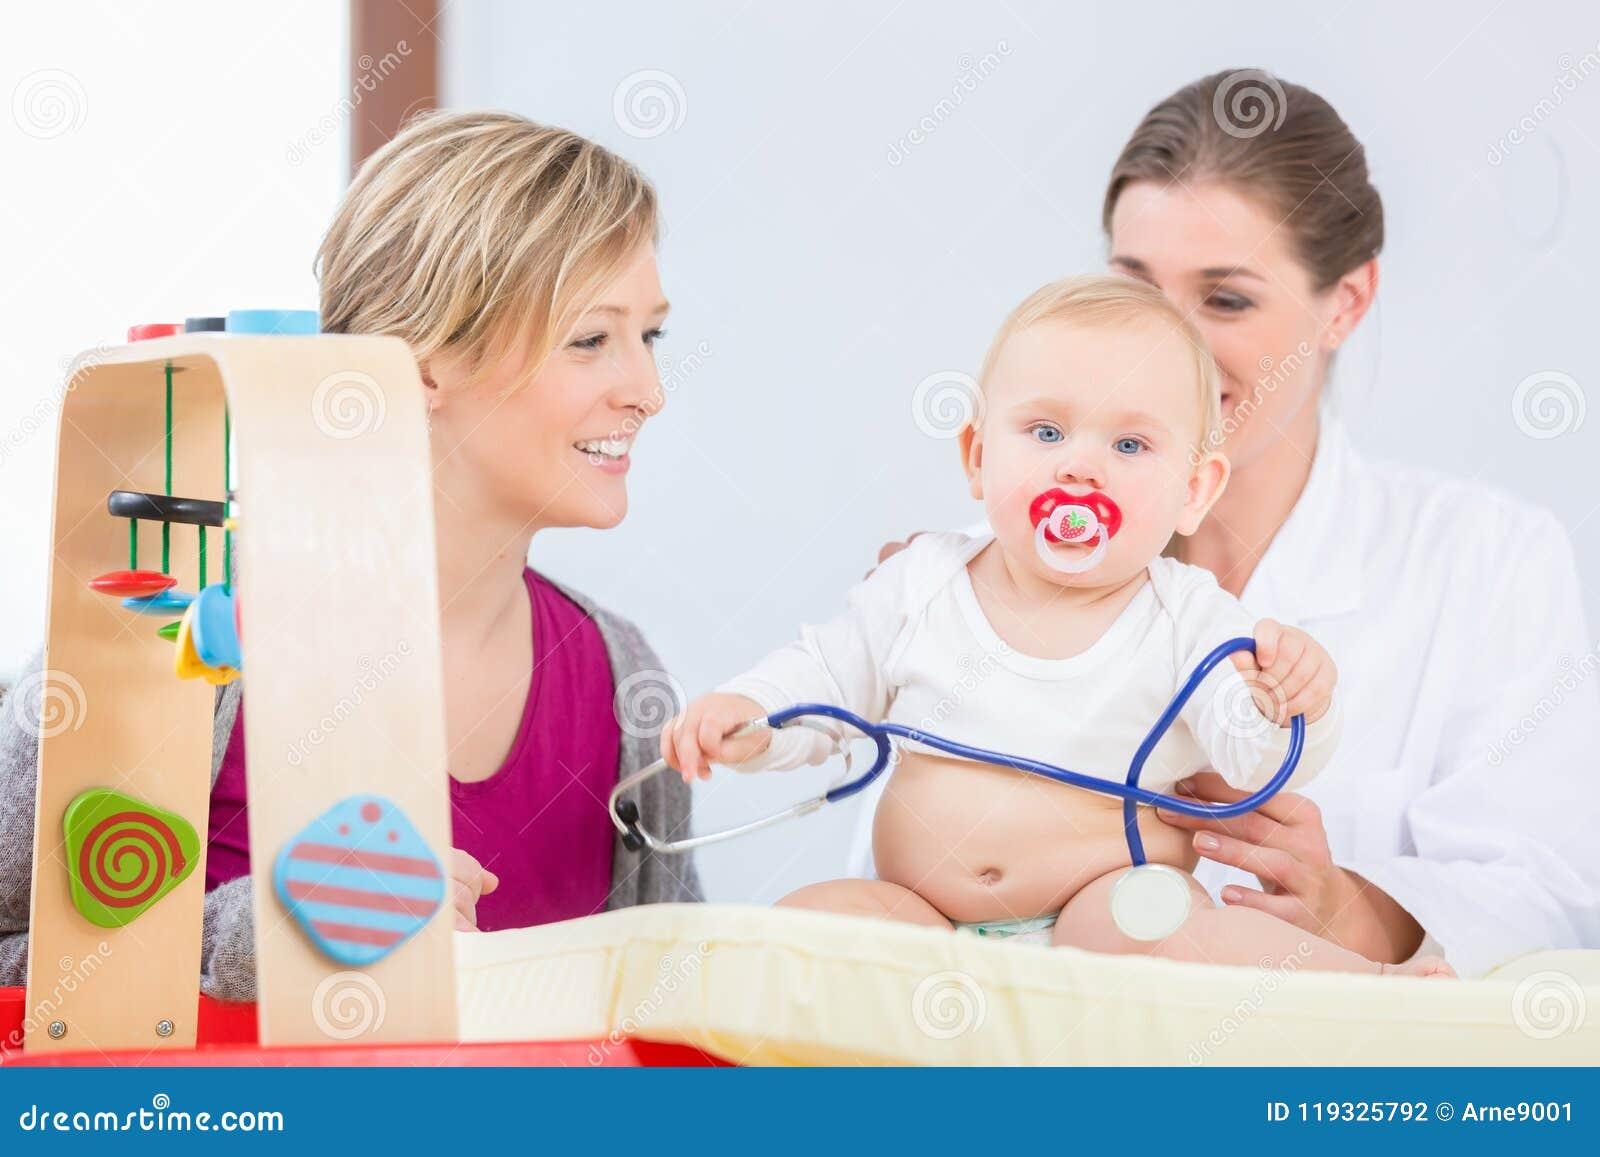 使用与听诊器的逗人喜爱和健康女婴在考试期间